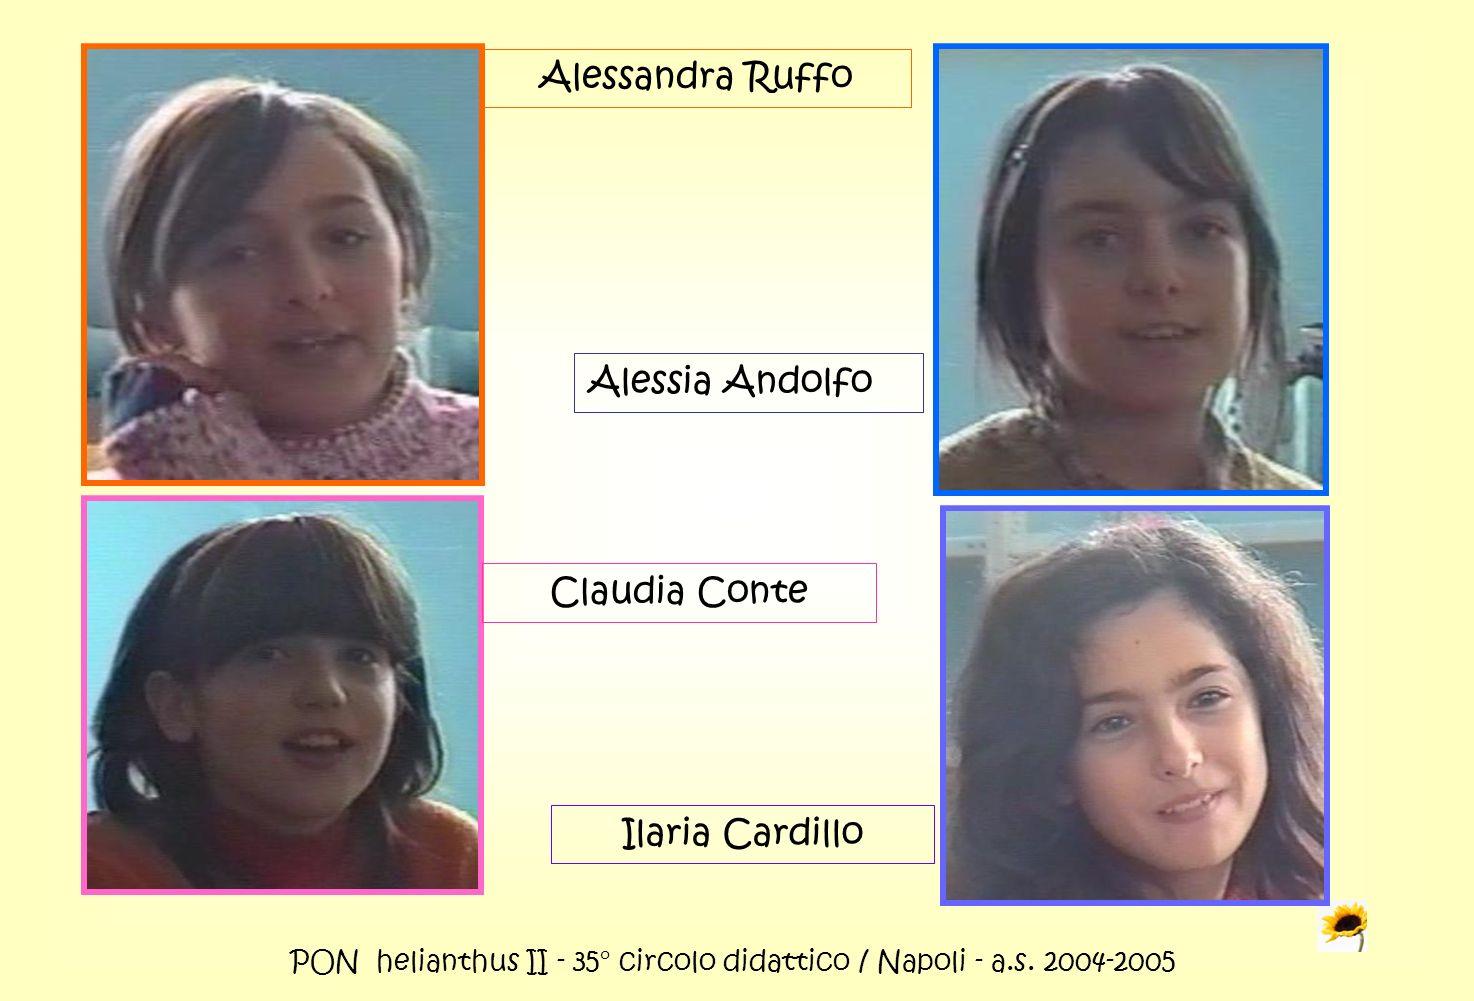 PON helianthus II - 35° circolo didattico / Napoli - a.s. 2004-2005 Alessandra Ruffo Alessia Andolfo Claudia Conte Ilaria Cardillo